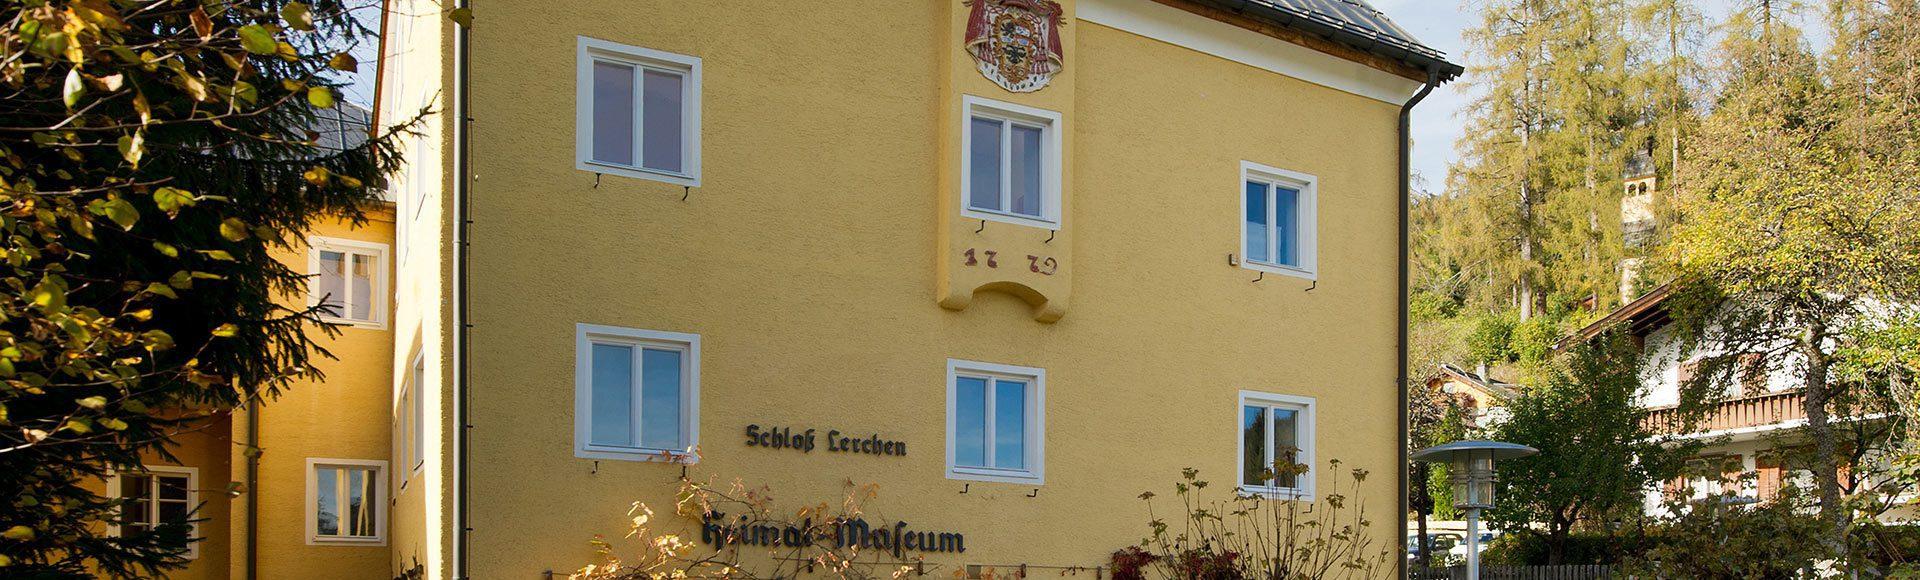 Museum Schloss Lerchen Radstädter Museumsverein 1